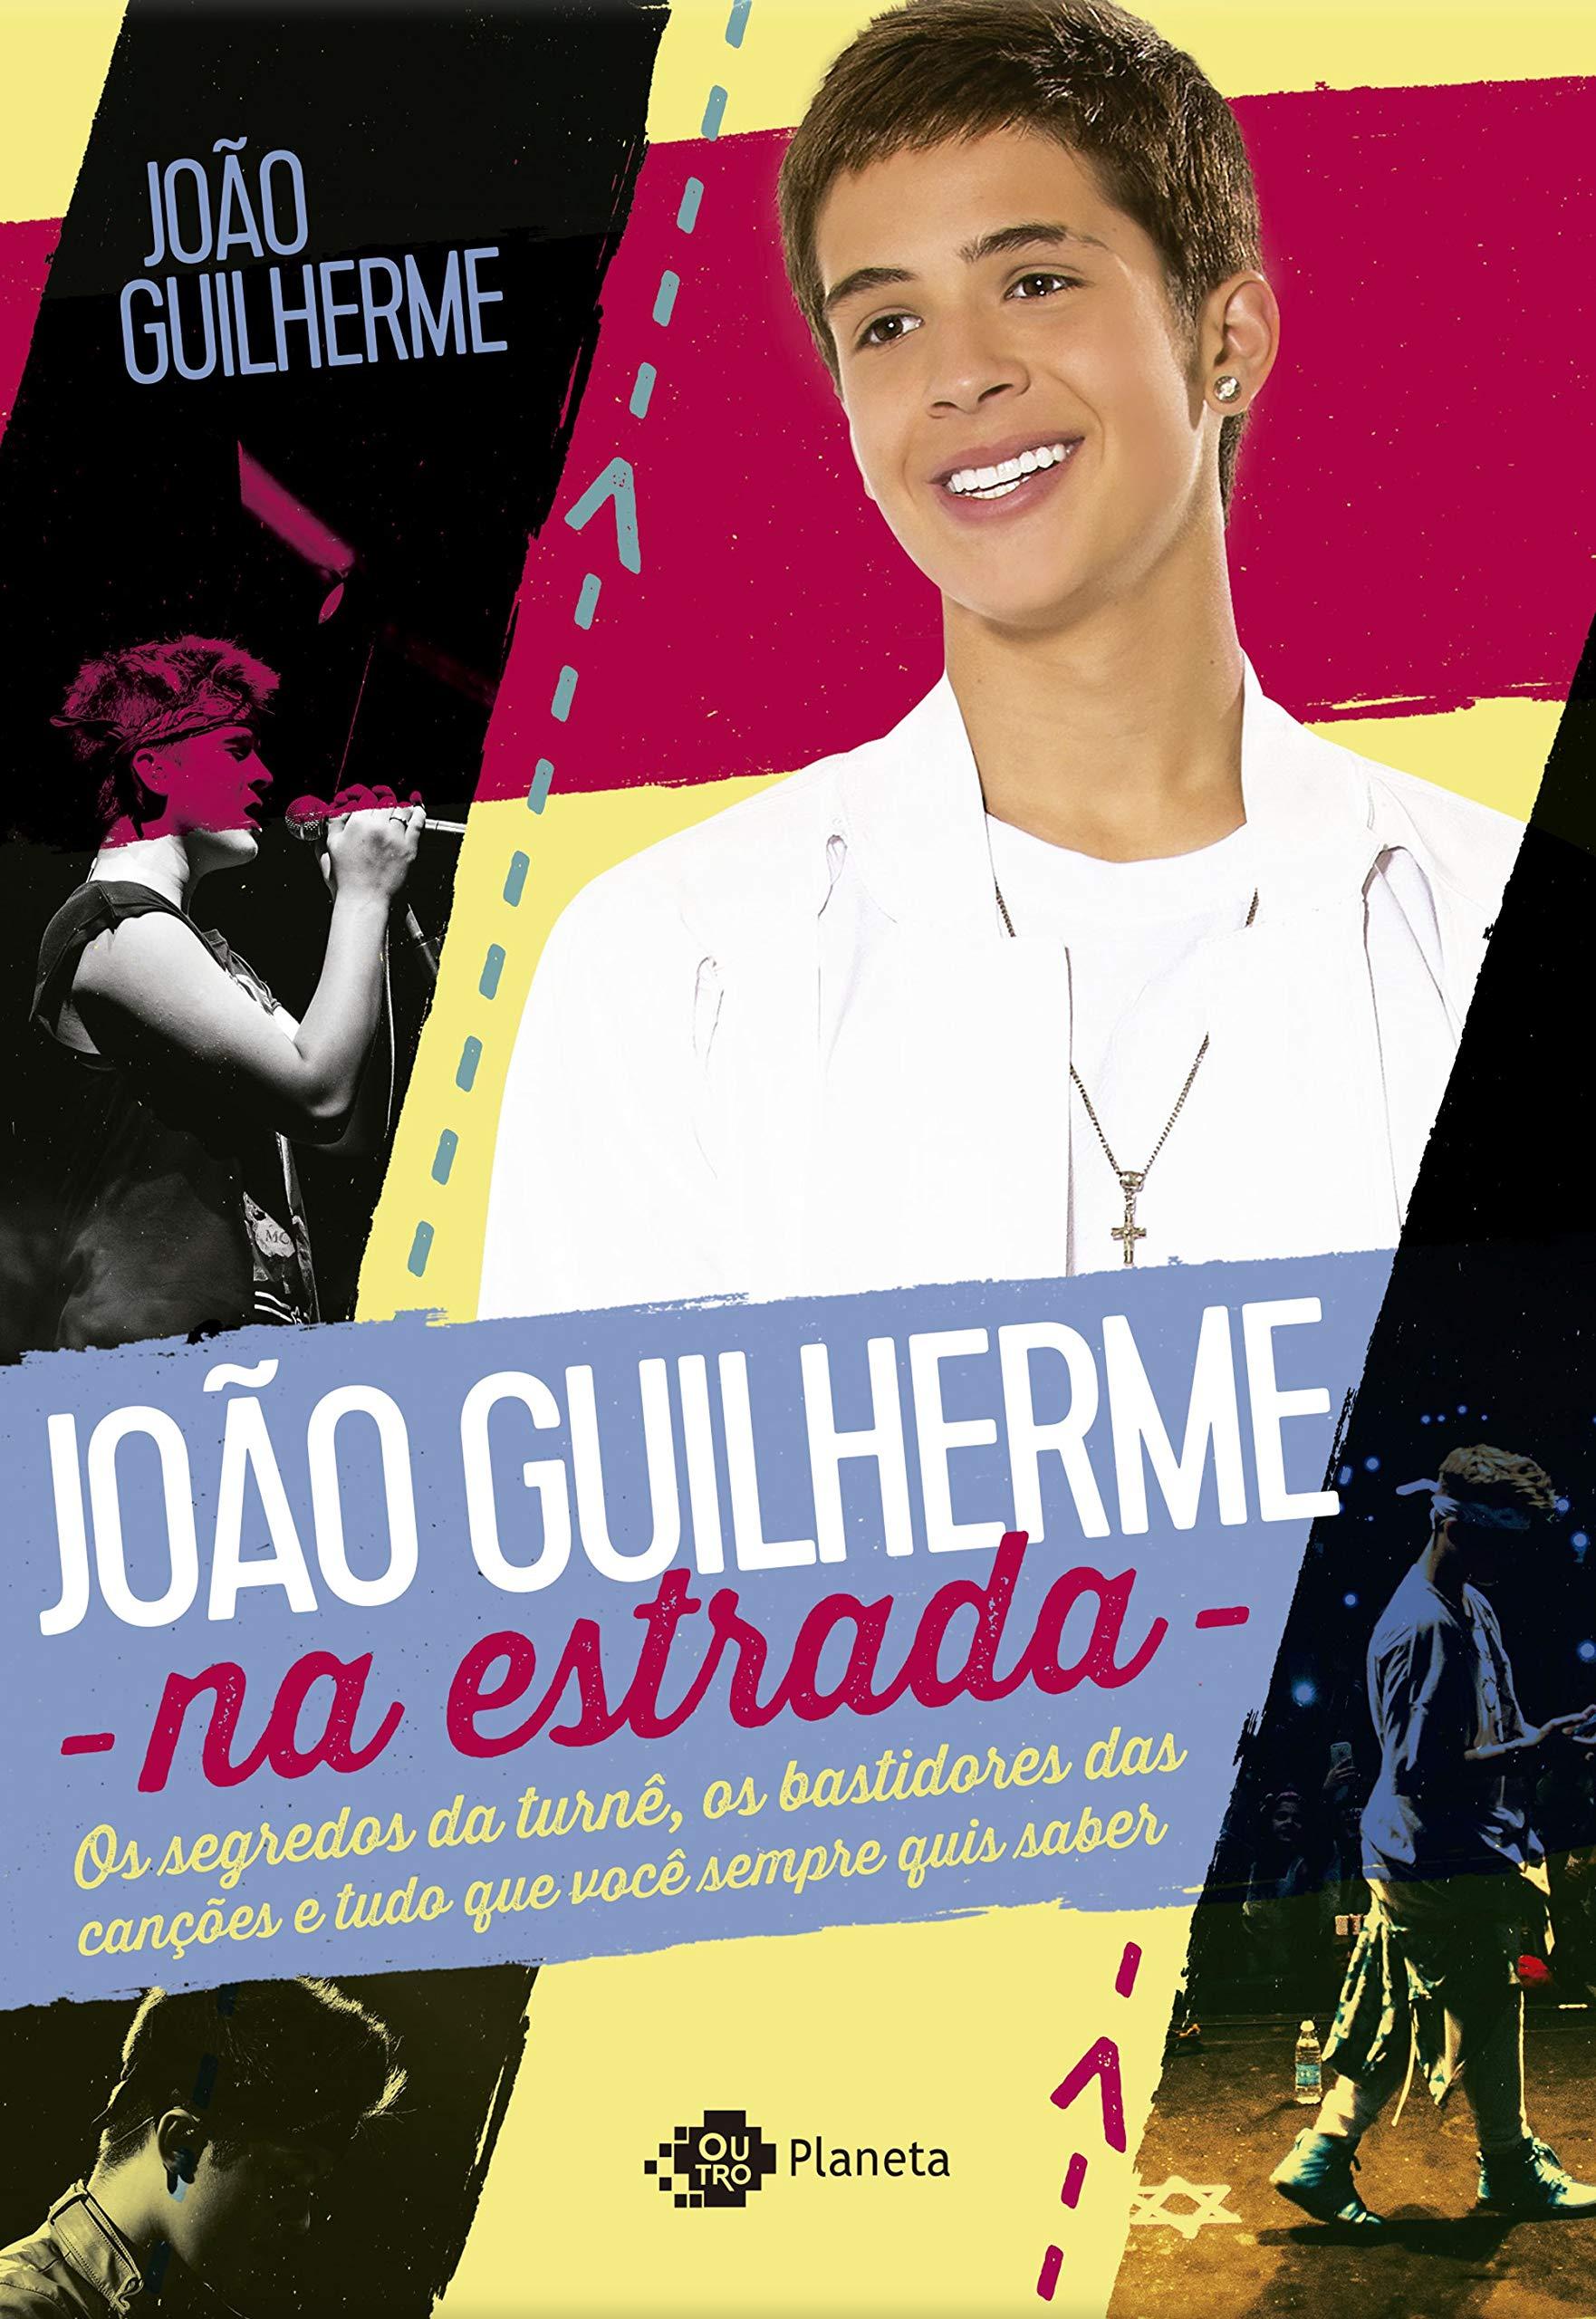 Joao Guilherme / D9ker Jlb P Cm - filmeonlinegugesti